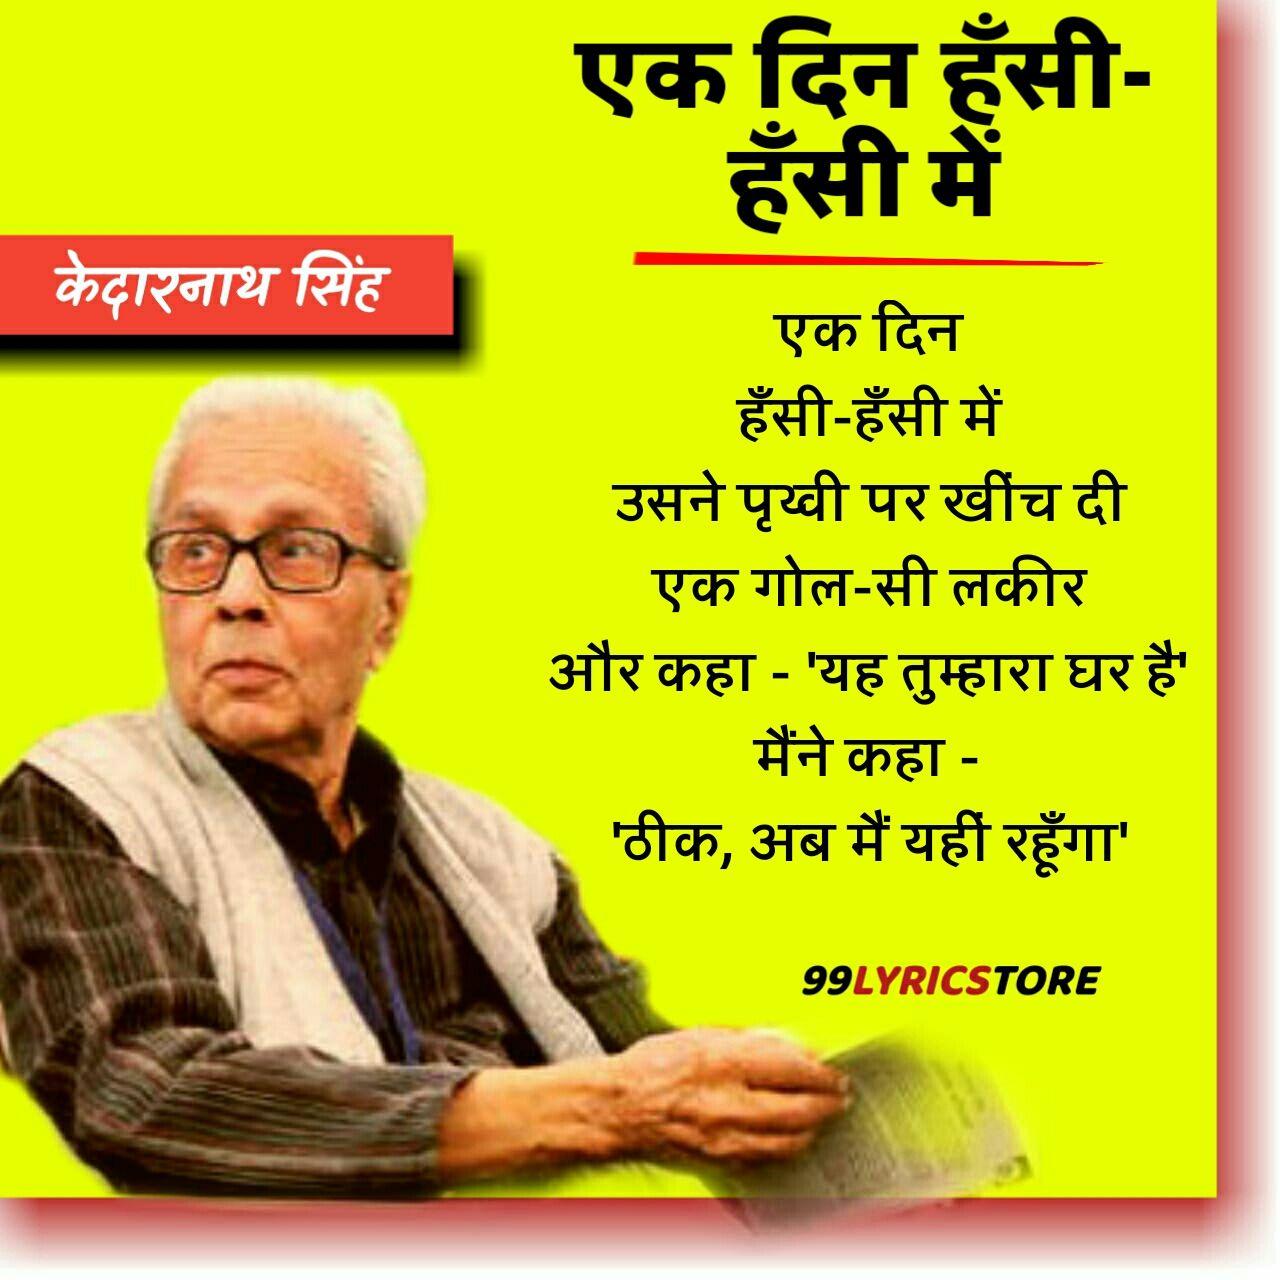 'एक दिन हँसी-हँसी में' कविता केदारनाथ सिंह जी द्वारा लिखी गई एक हिन्दी कविता है।